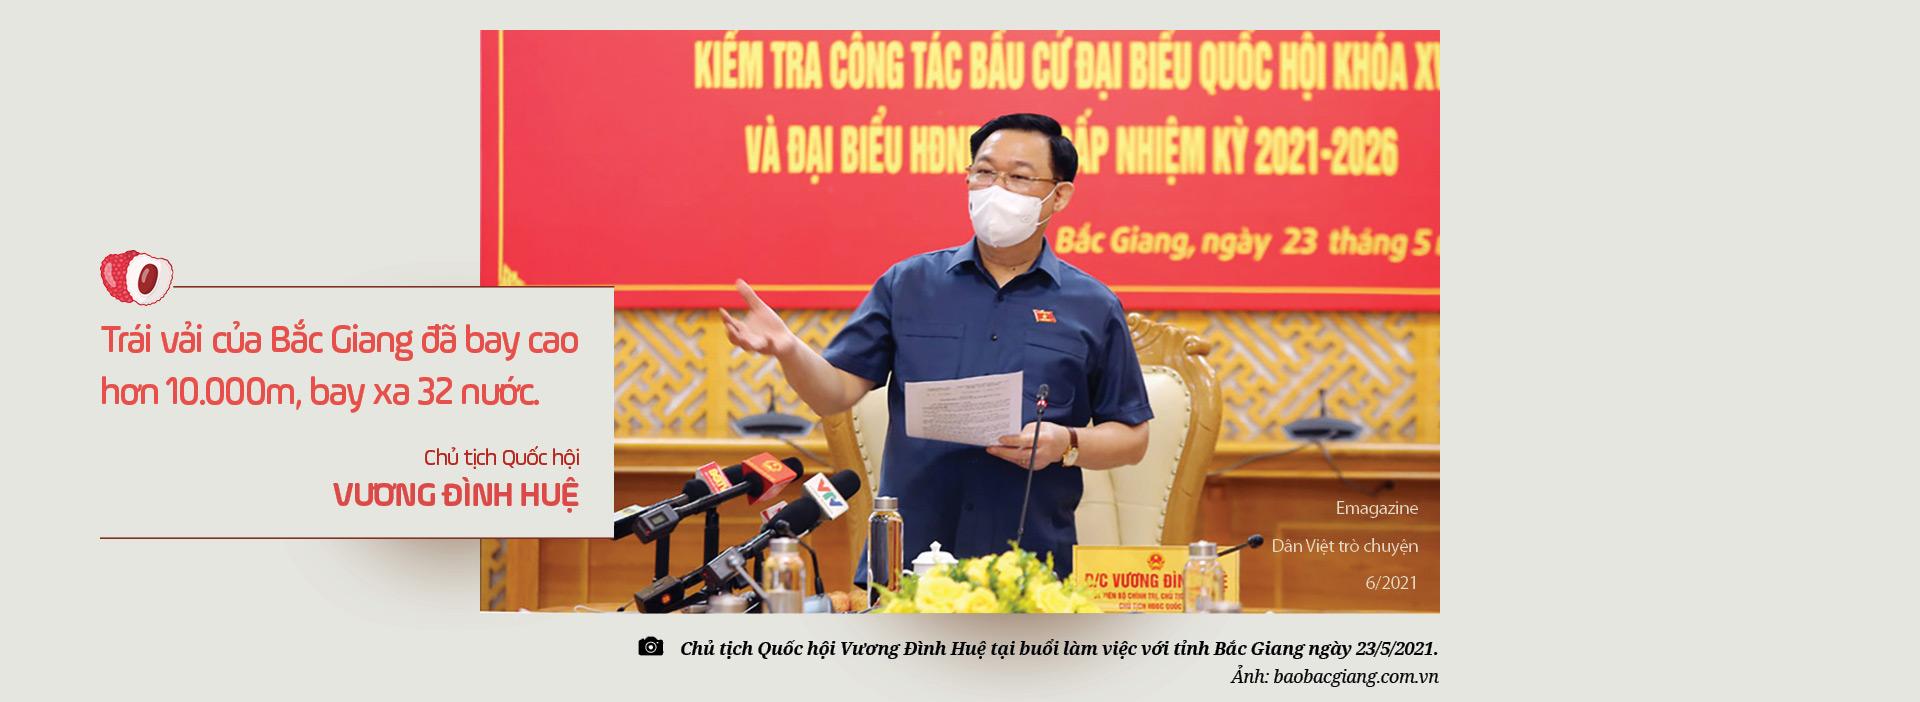 Ủy viên Trung ương Đảng, Bí thư Tỉnh ủy Bắc Giang Dương Văn Thái: Mùa vải nóng sẽ…ngọt ngào! - Ảnh 8.